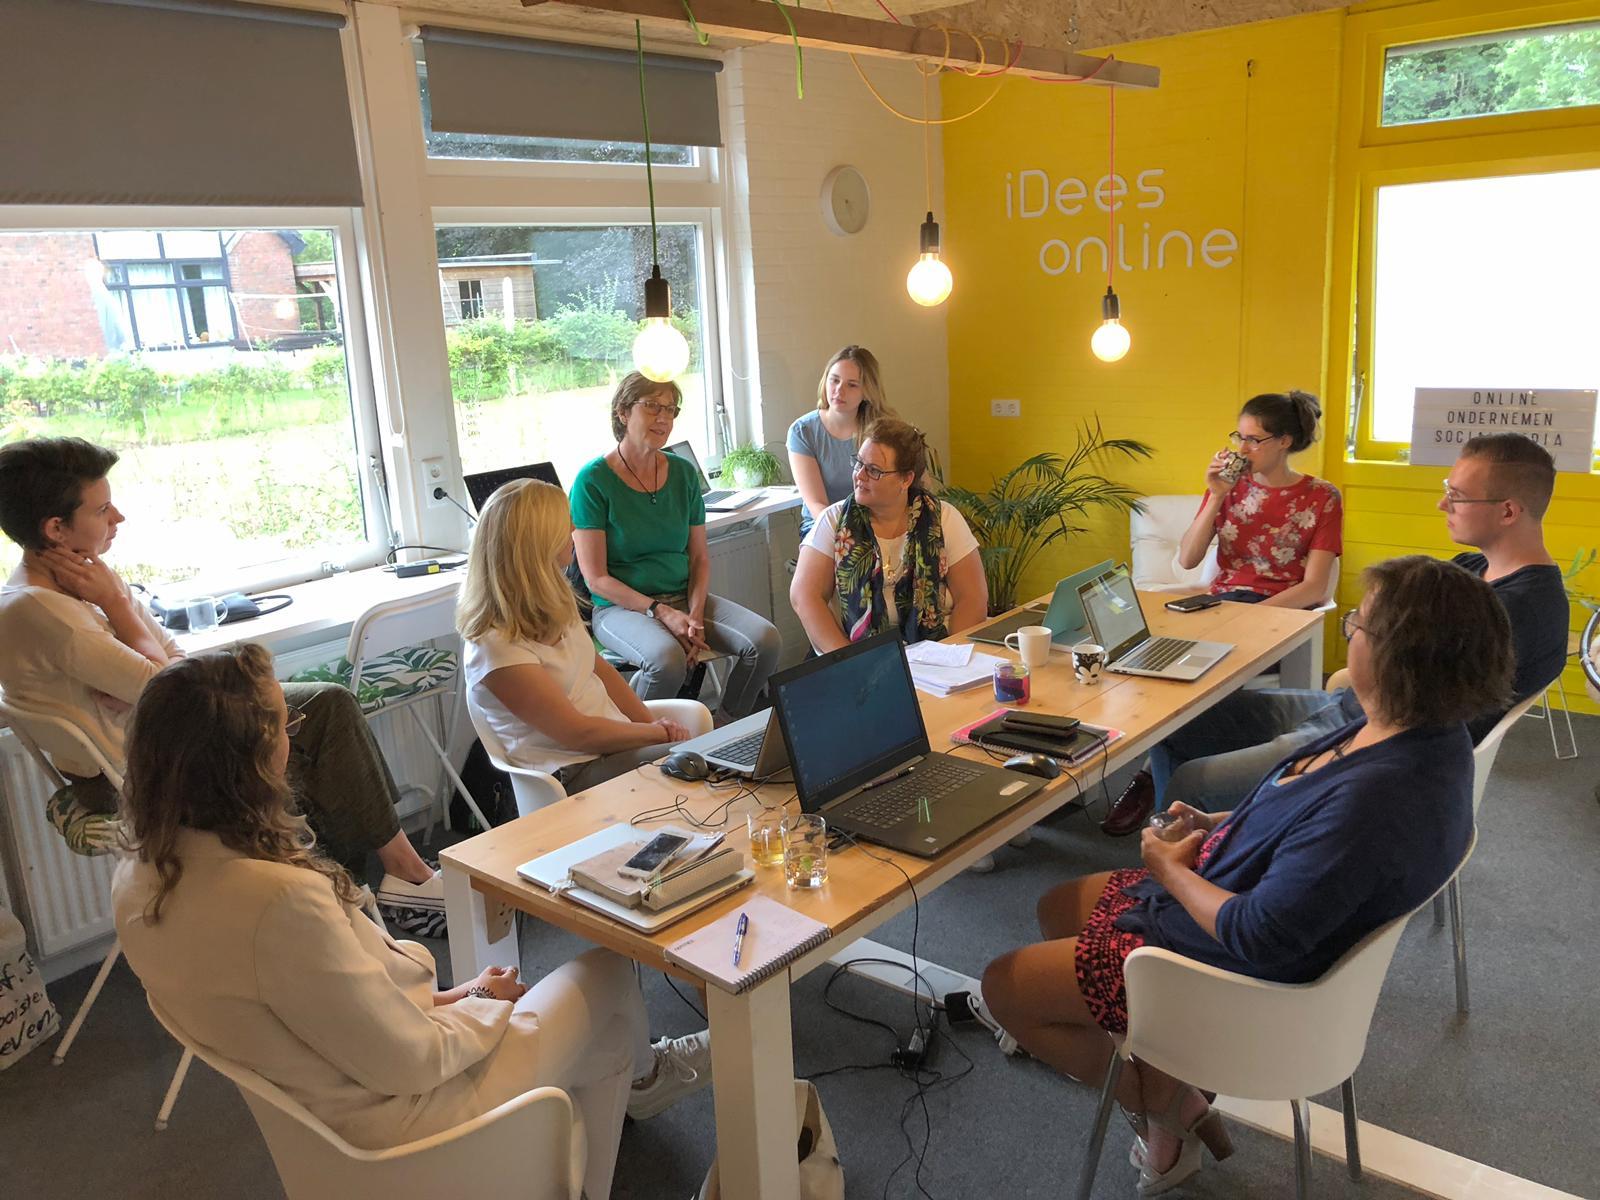 Samenwerkdag iDees online